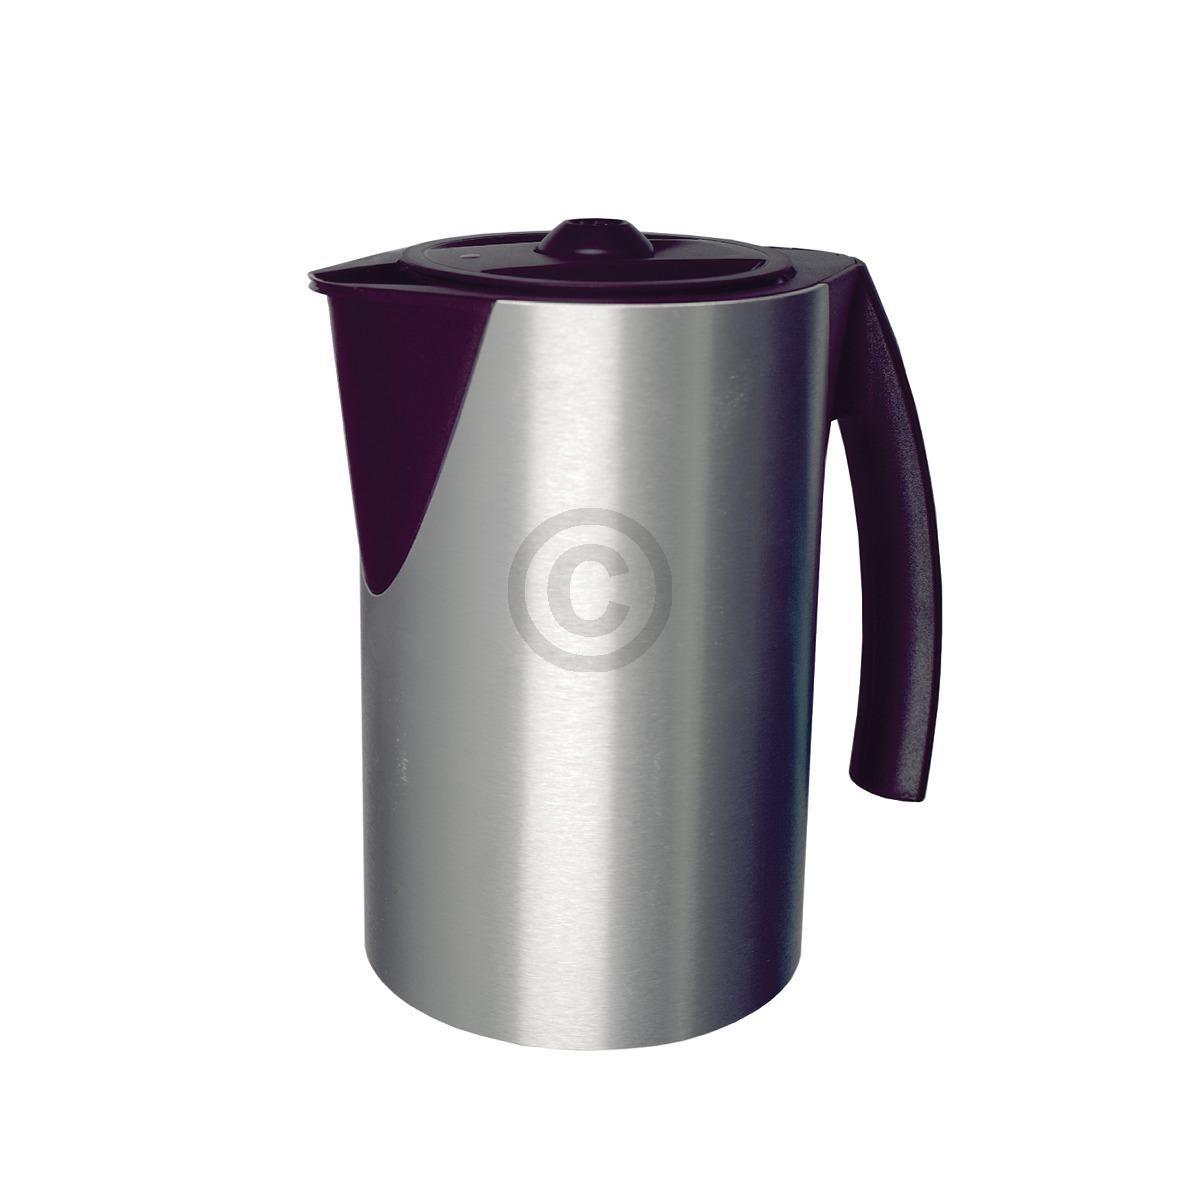 Thermokanne Siemens 00264701 PorscheDesign gerade für Filterkaffeemaschine